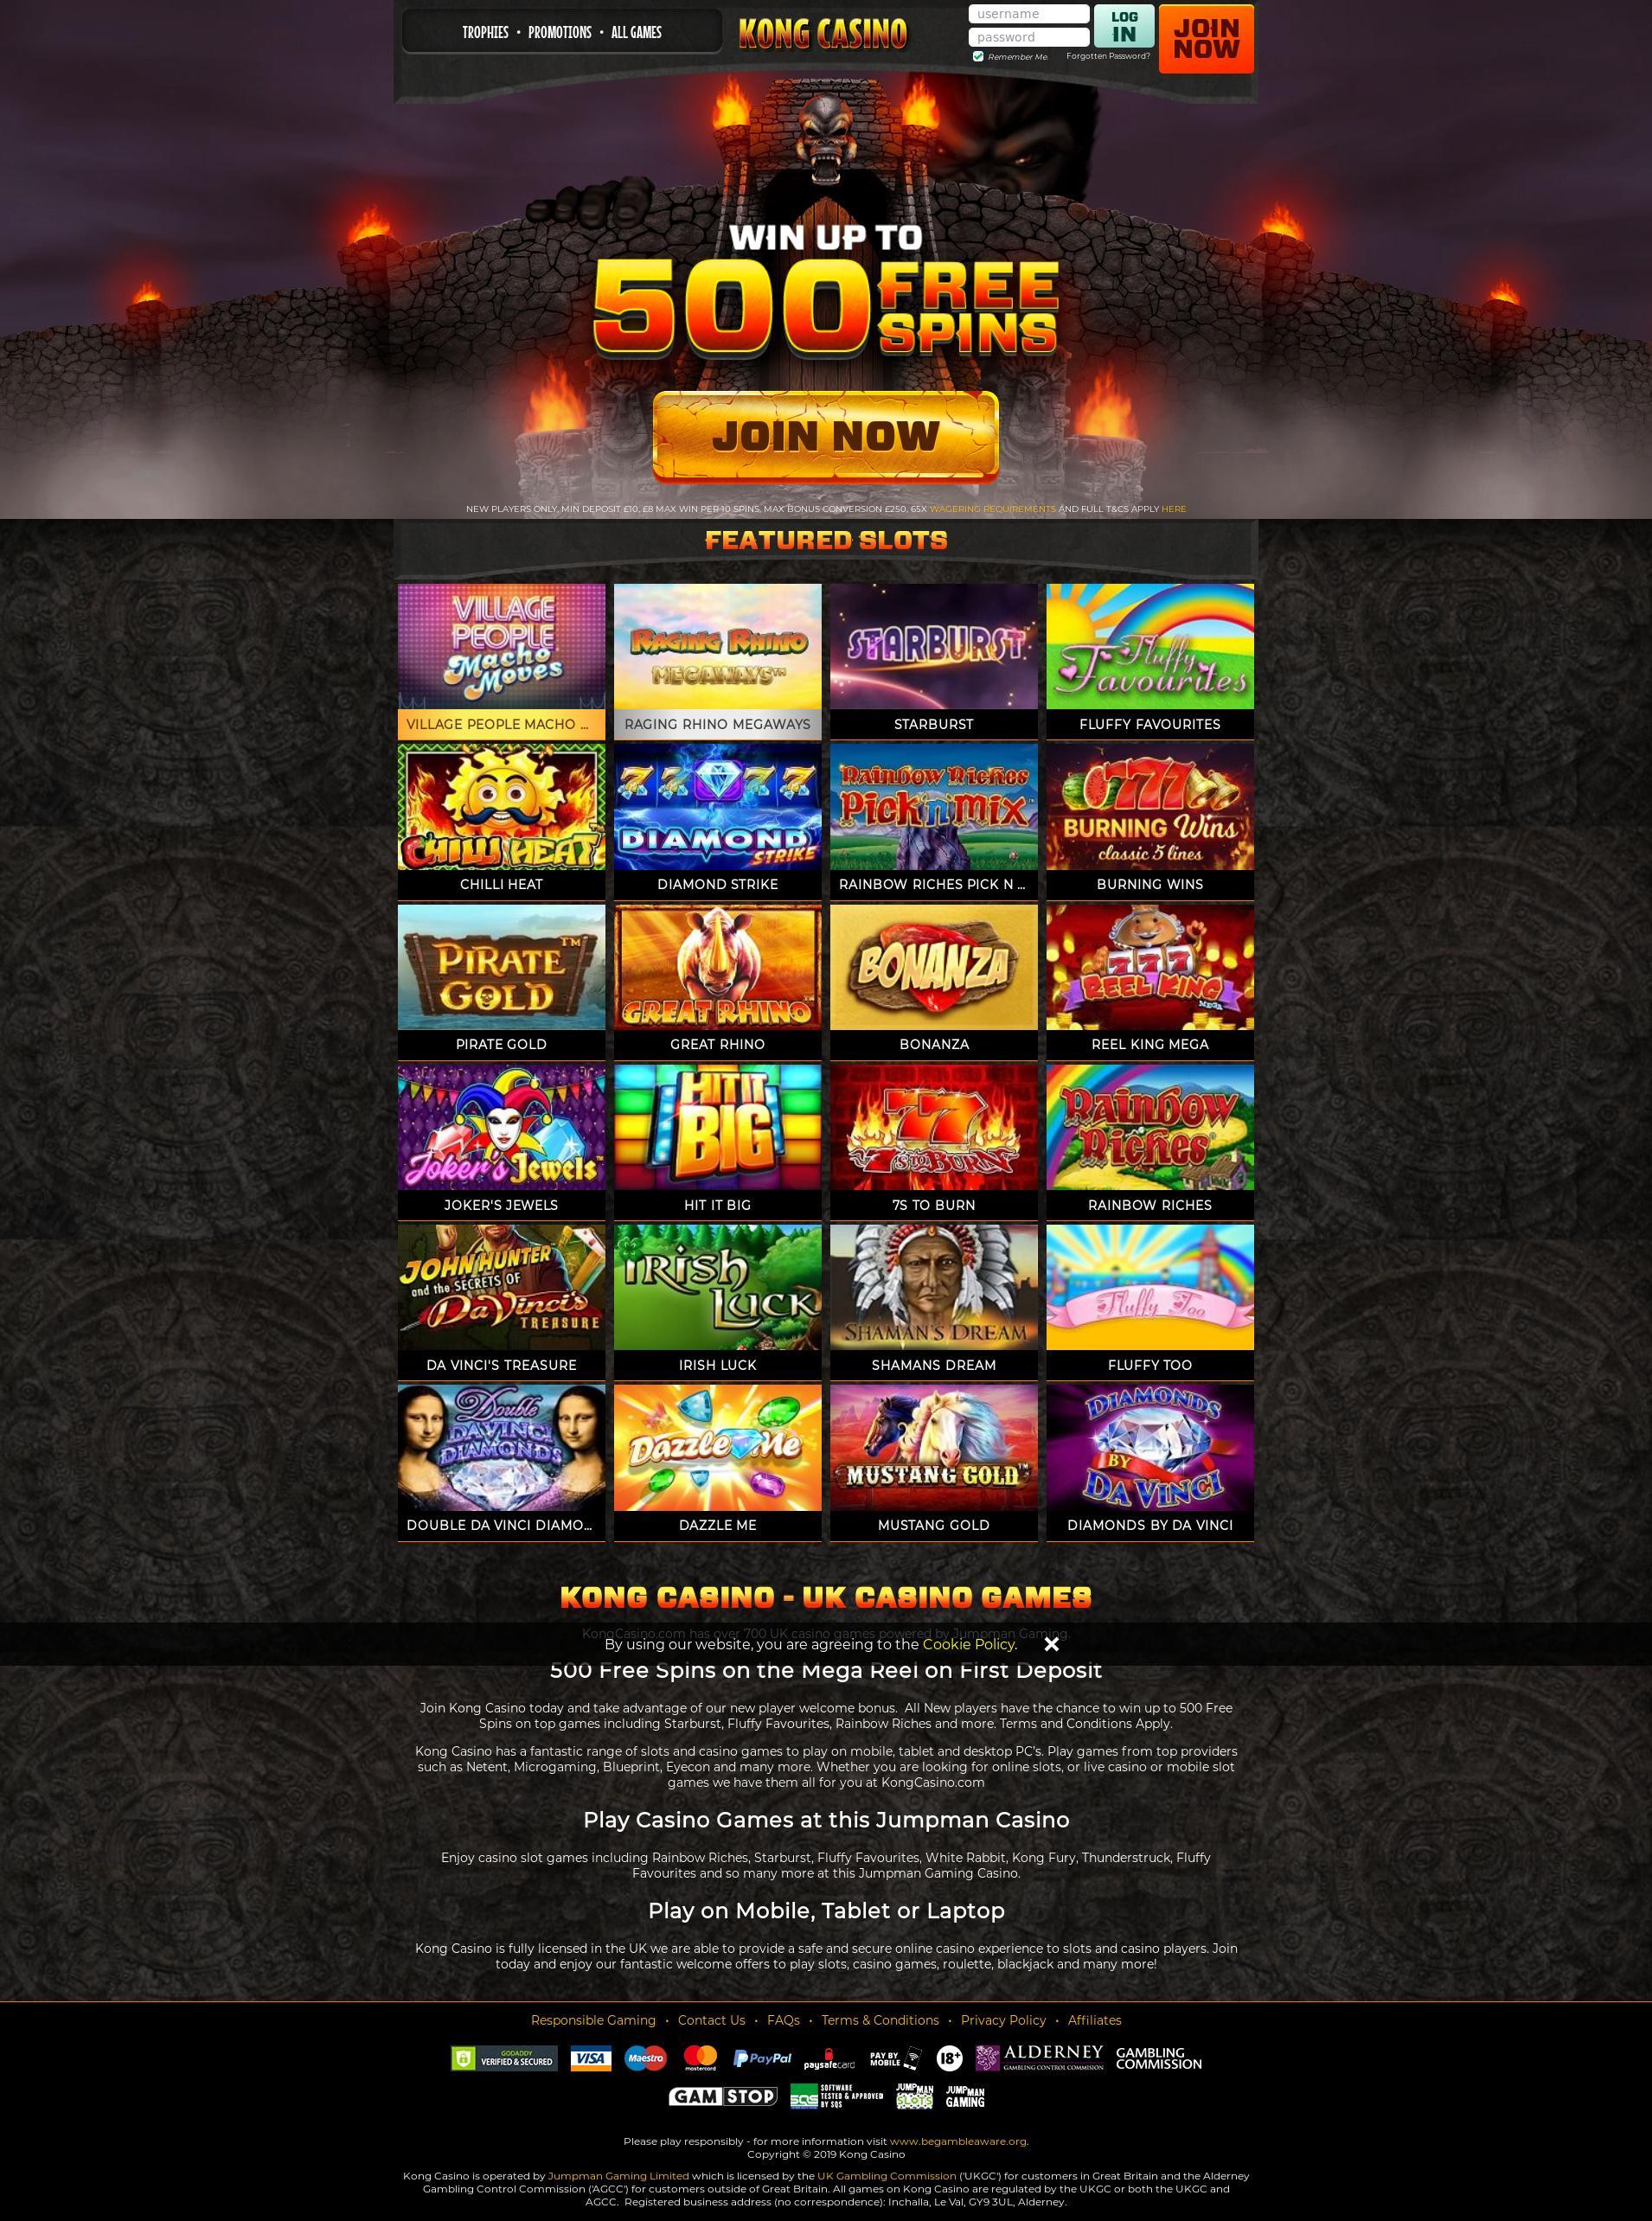 бонусы казино онлайн